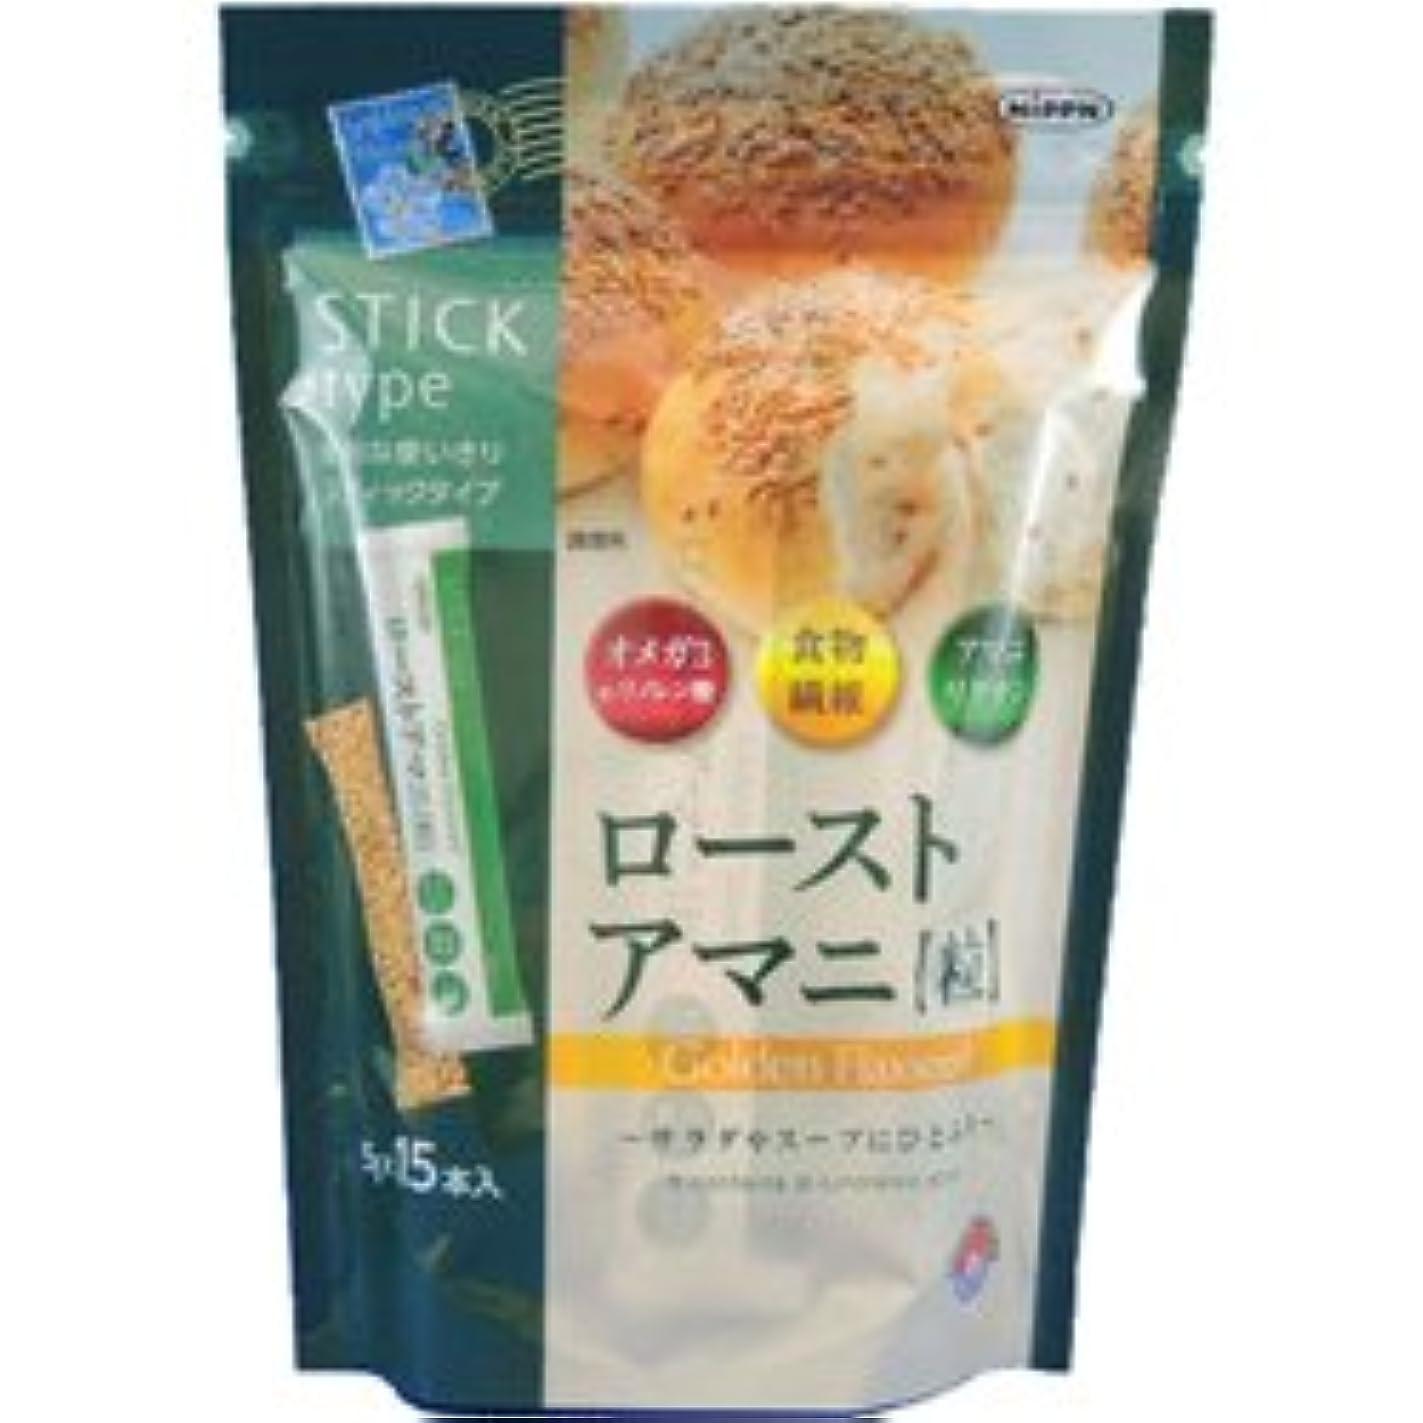 設計まだ嵐が丘【日本製粉】ローストアマニ粒 75g ×5個セット